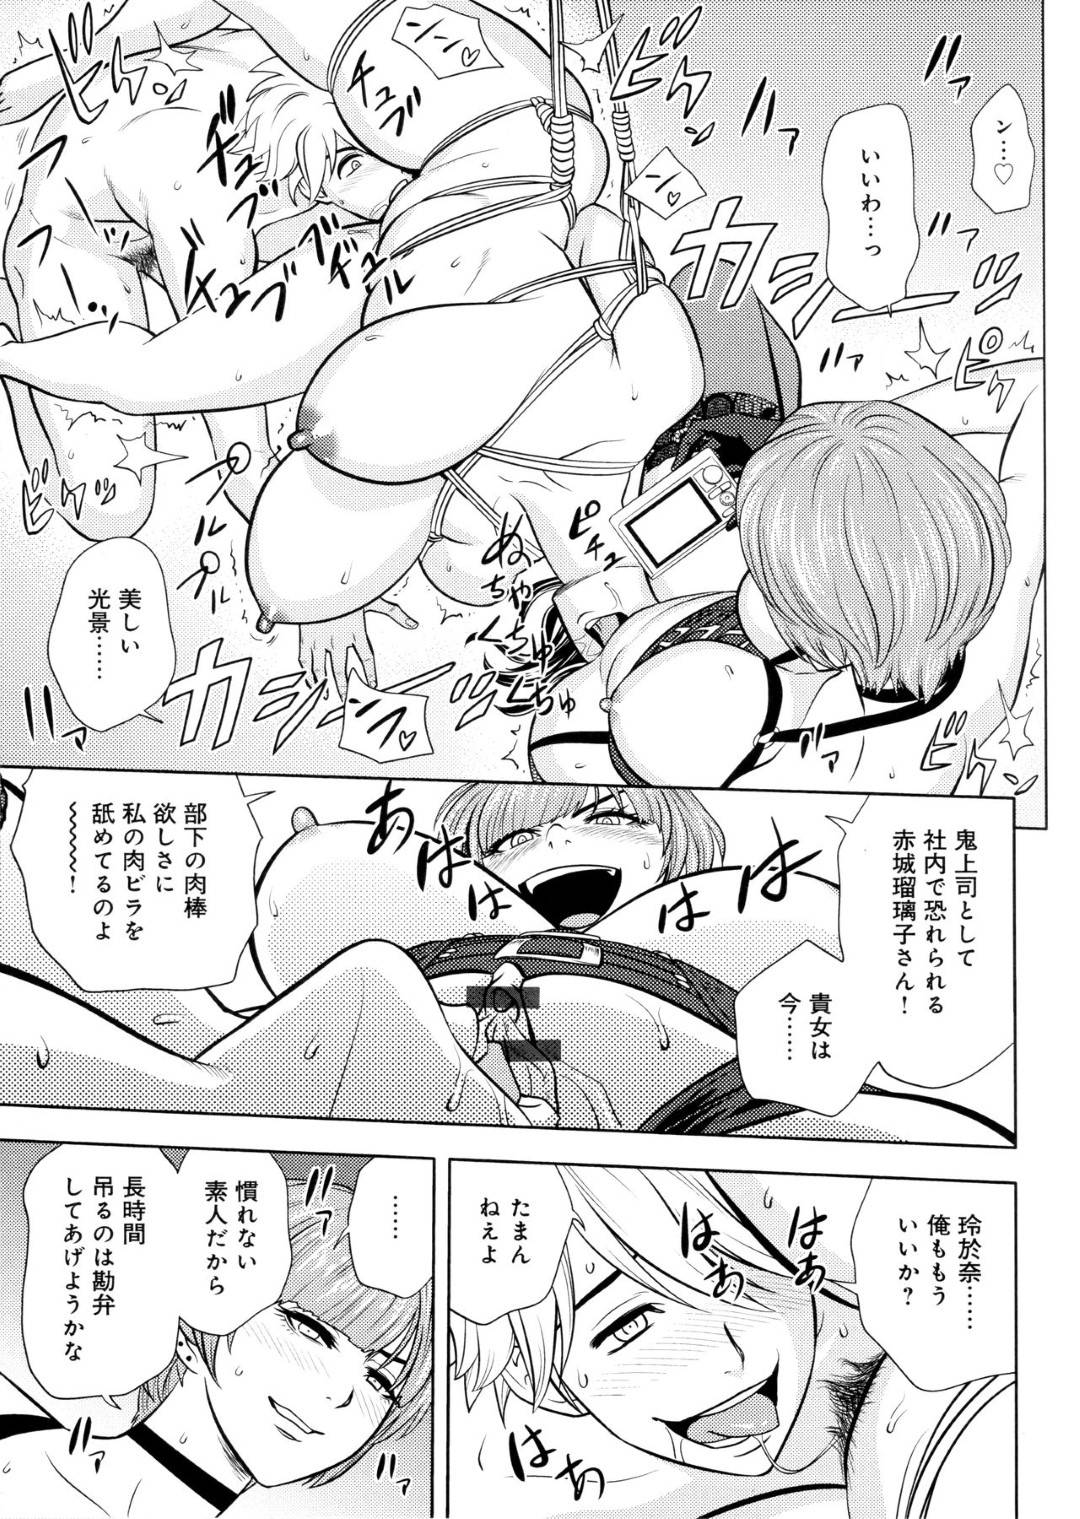 【エロ漫画】後輩社員と緊縛プレイをする事となったムチムチOLお姉さん…満更でもない彼女は全身を亀甲縛りされた状態でフェラさせられたり、チンポをハメられたりして感じまくる!